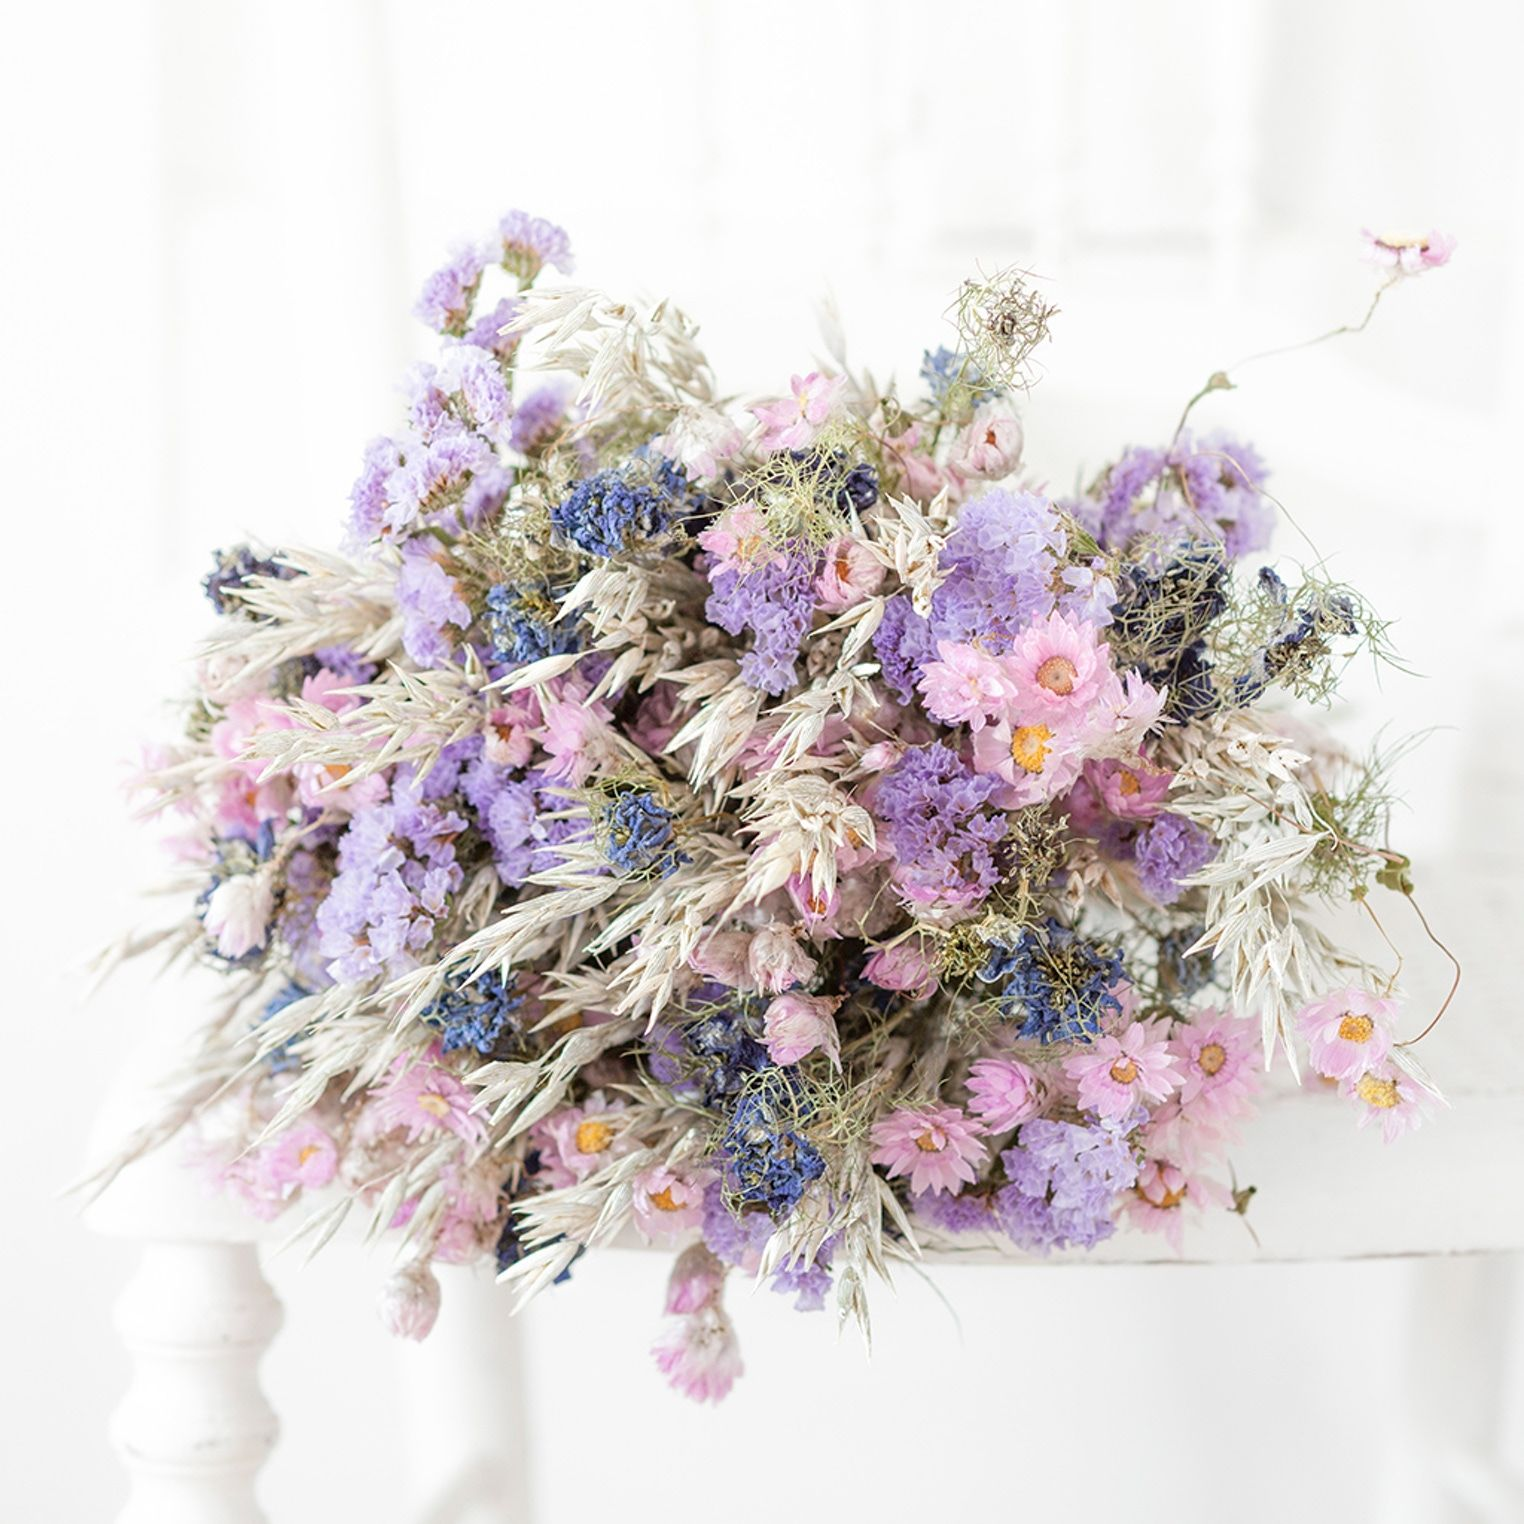 Bouquet de fleurs séchées Bellagio | Fleurs séchées, Livraison fleurs, Fleurs